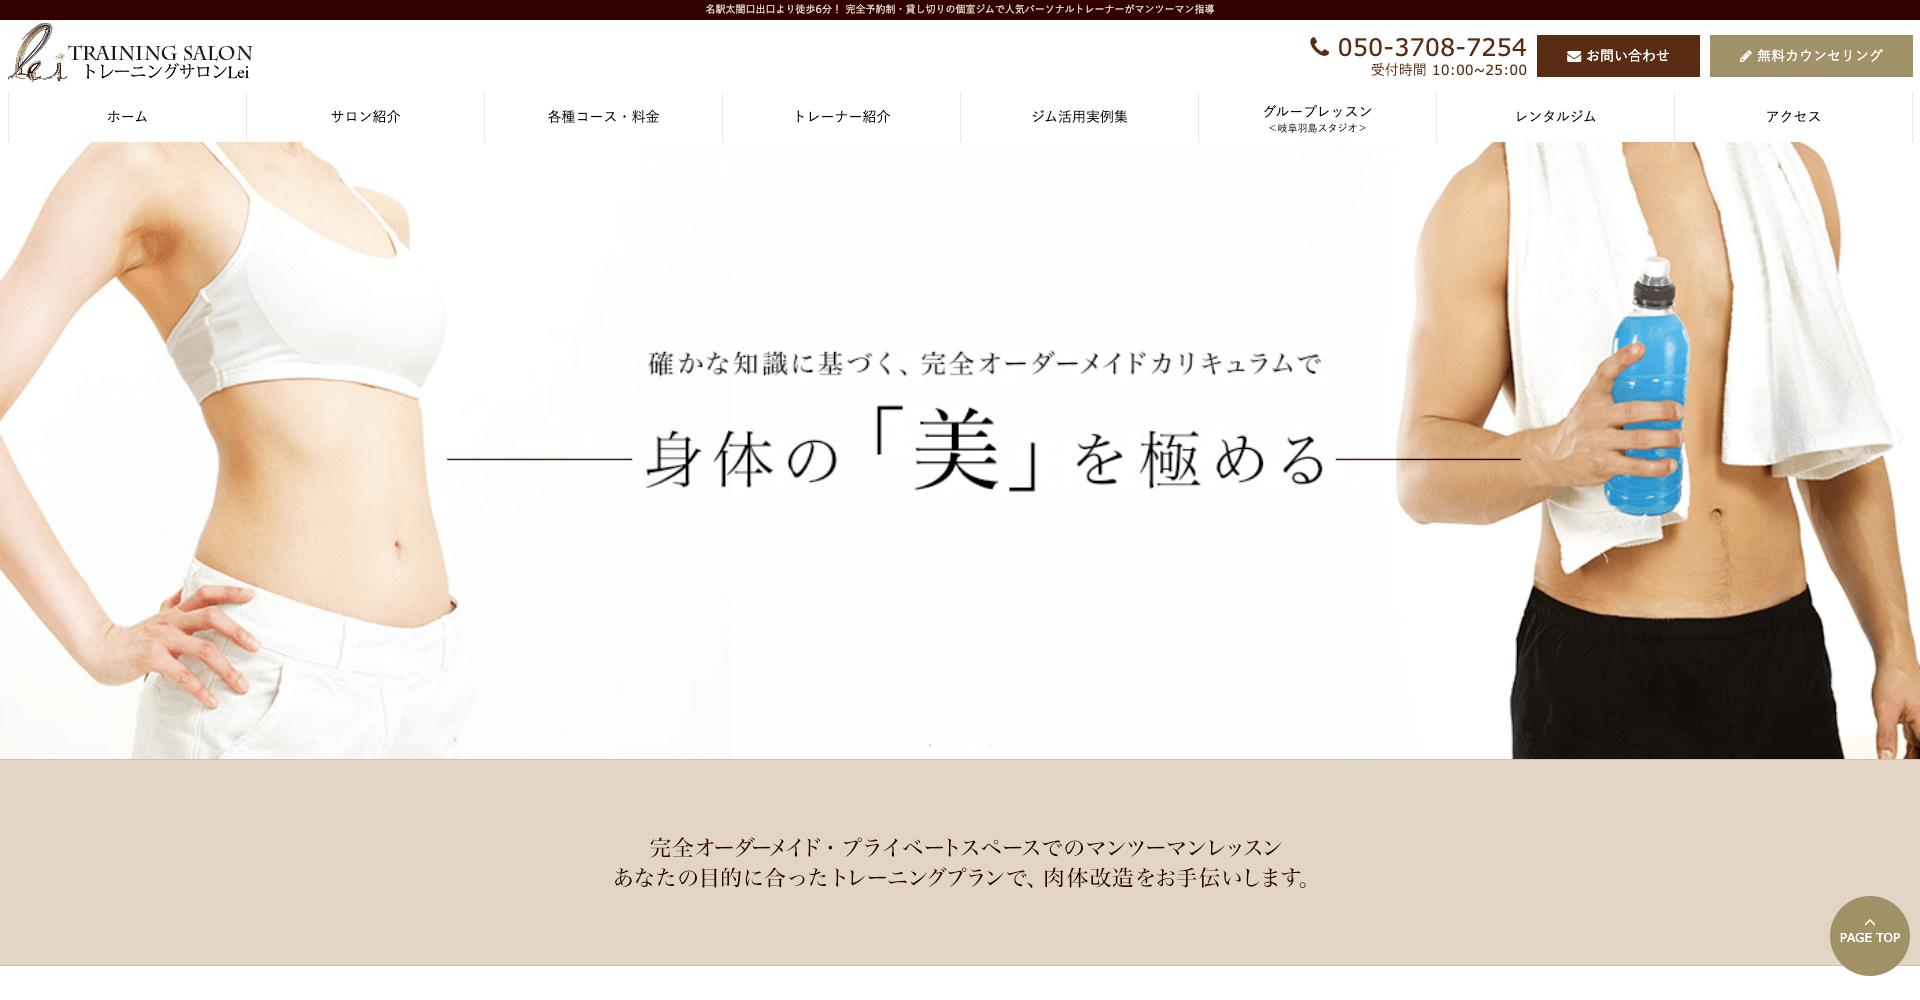 トレーニングサロンLei 『美』を極める肉体改造ジム